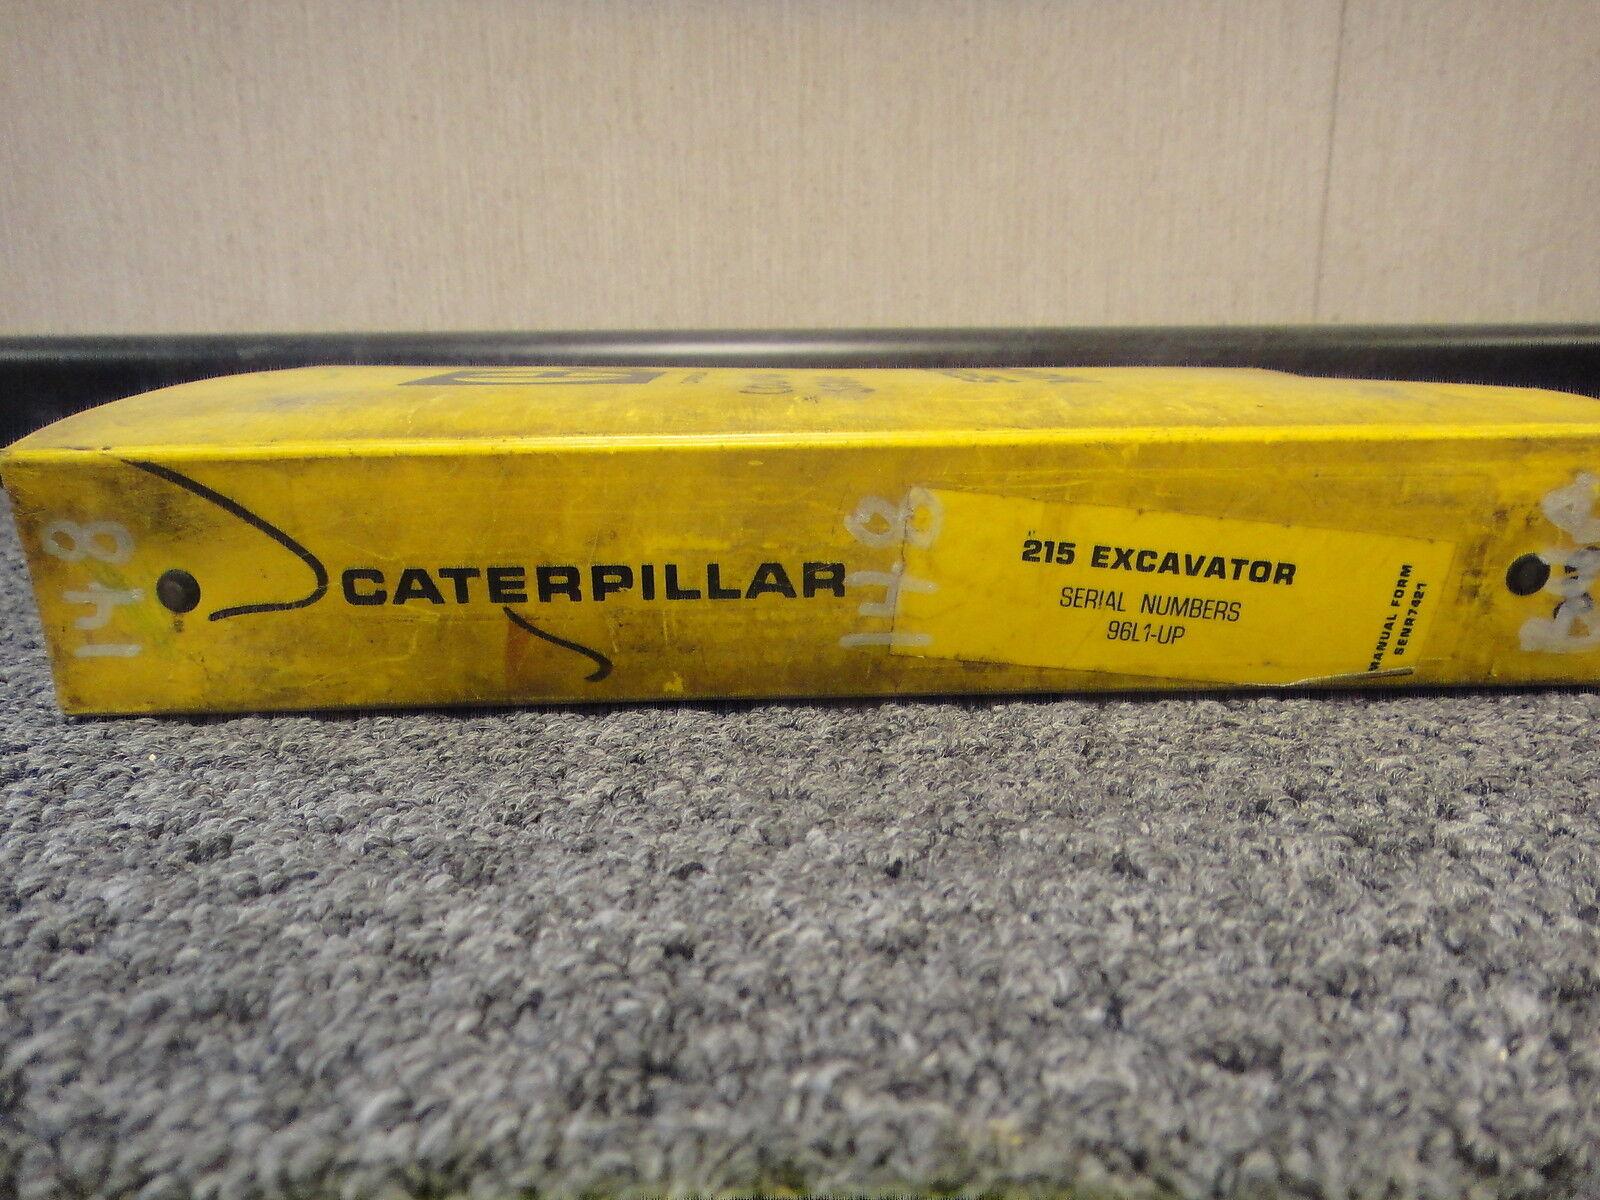 Cat Caterpillar 215 Excavadora Excavadora Excavadora Hidráulica Taller reparación Manual de servicio 96L1-up 5e1162